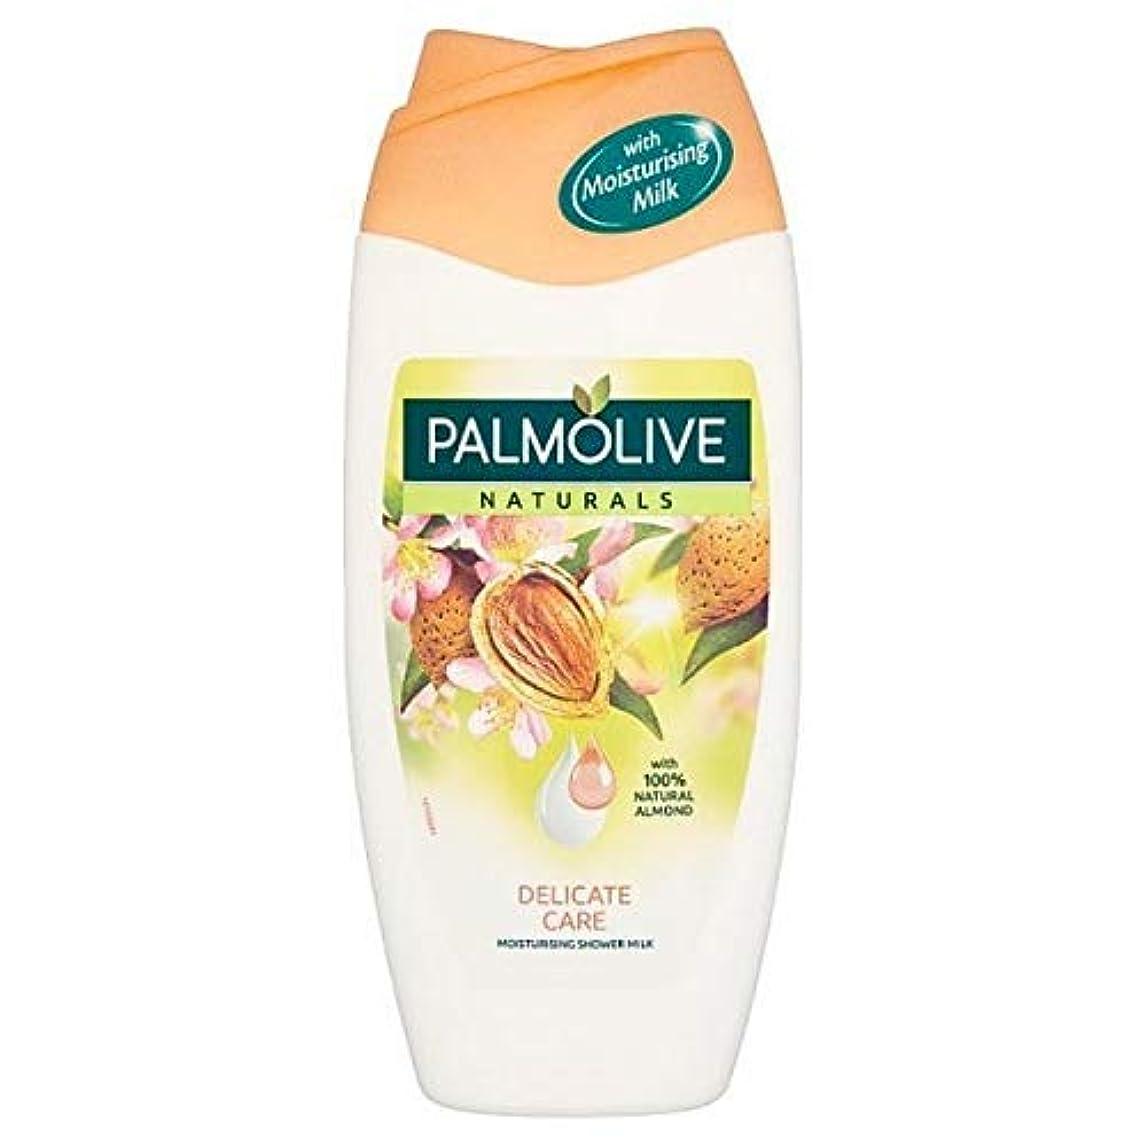 ジャニスロケット蚊[Palmolive ] パルモシャワーミルクアーモンド250ミリリットル - Palmolive Shower Milk Almond 250ml [並行輸入品]